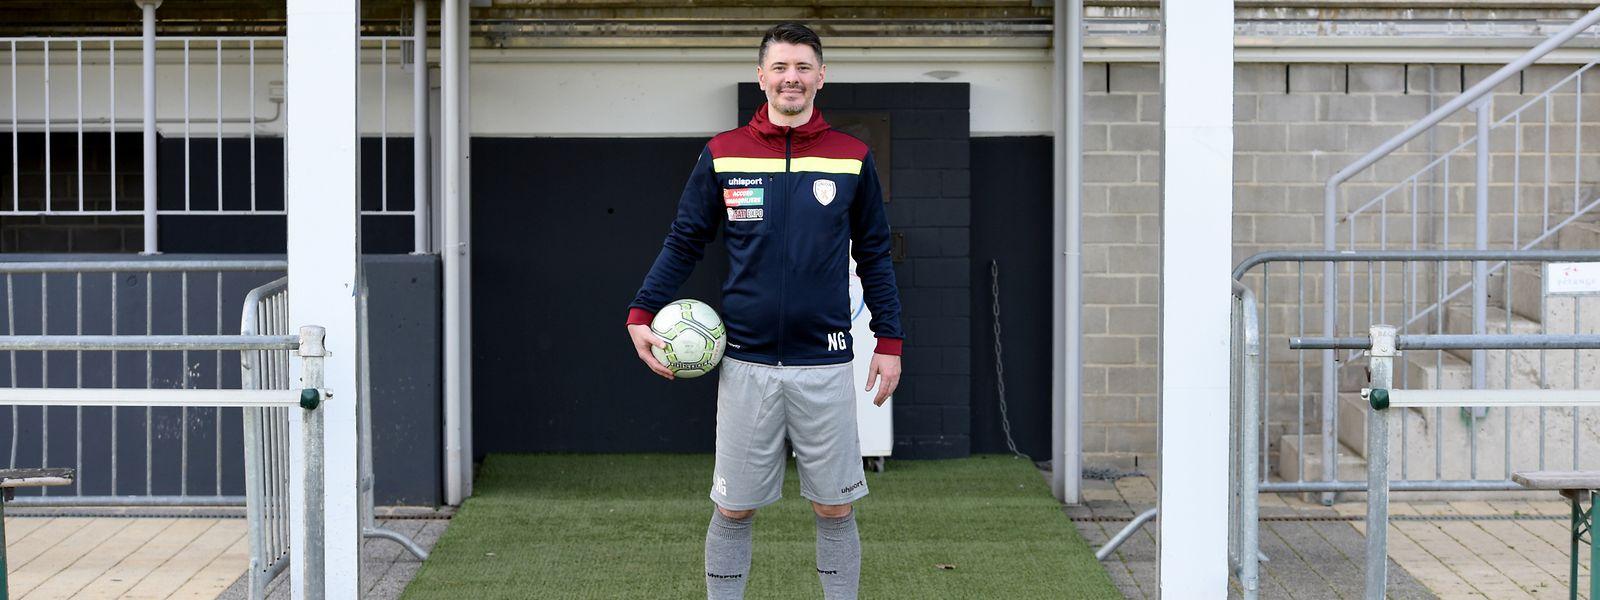 In Petingen hofft man mit dem neuen Trainer Nicolas Grézault auf bessere Ergebnisse.